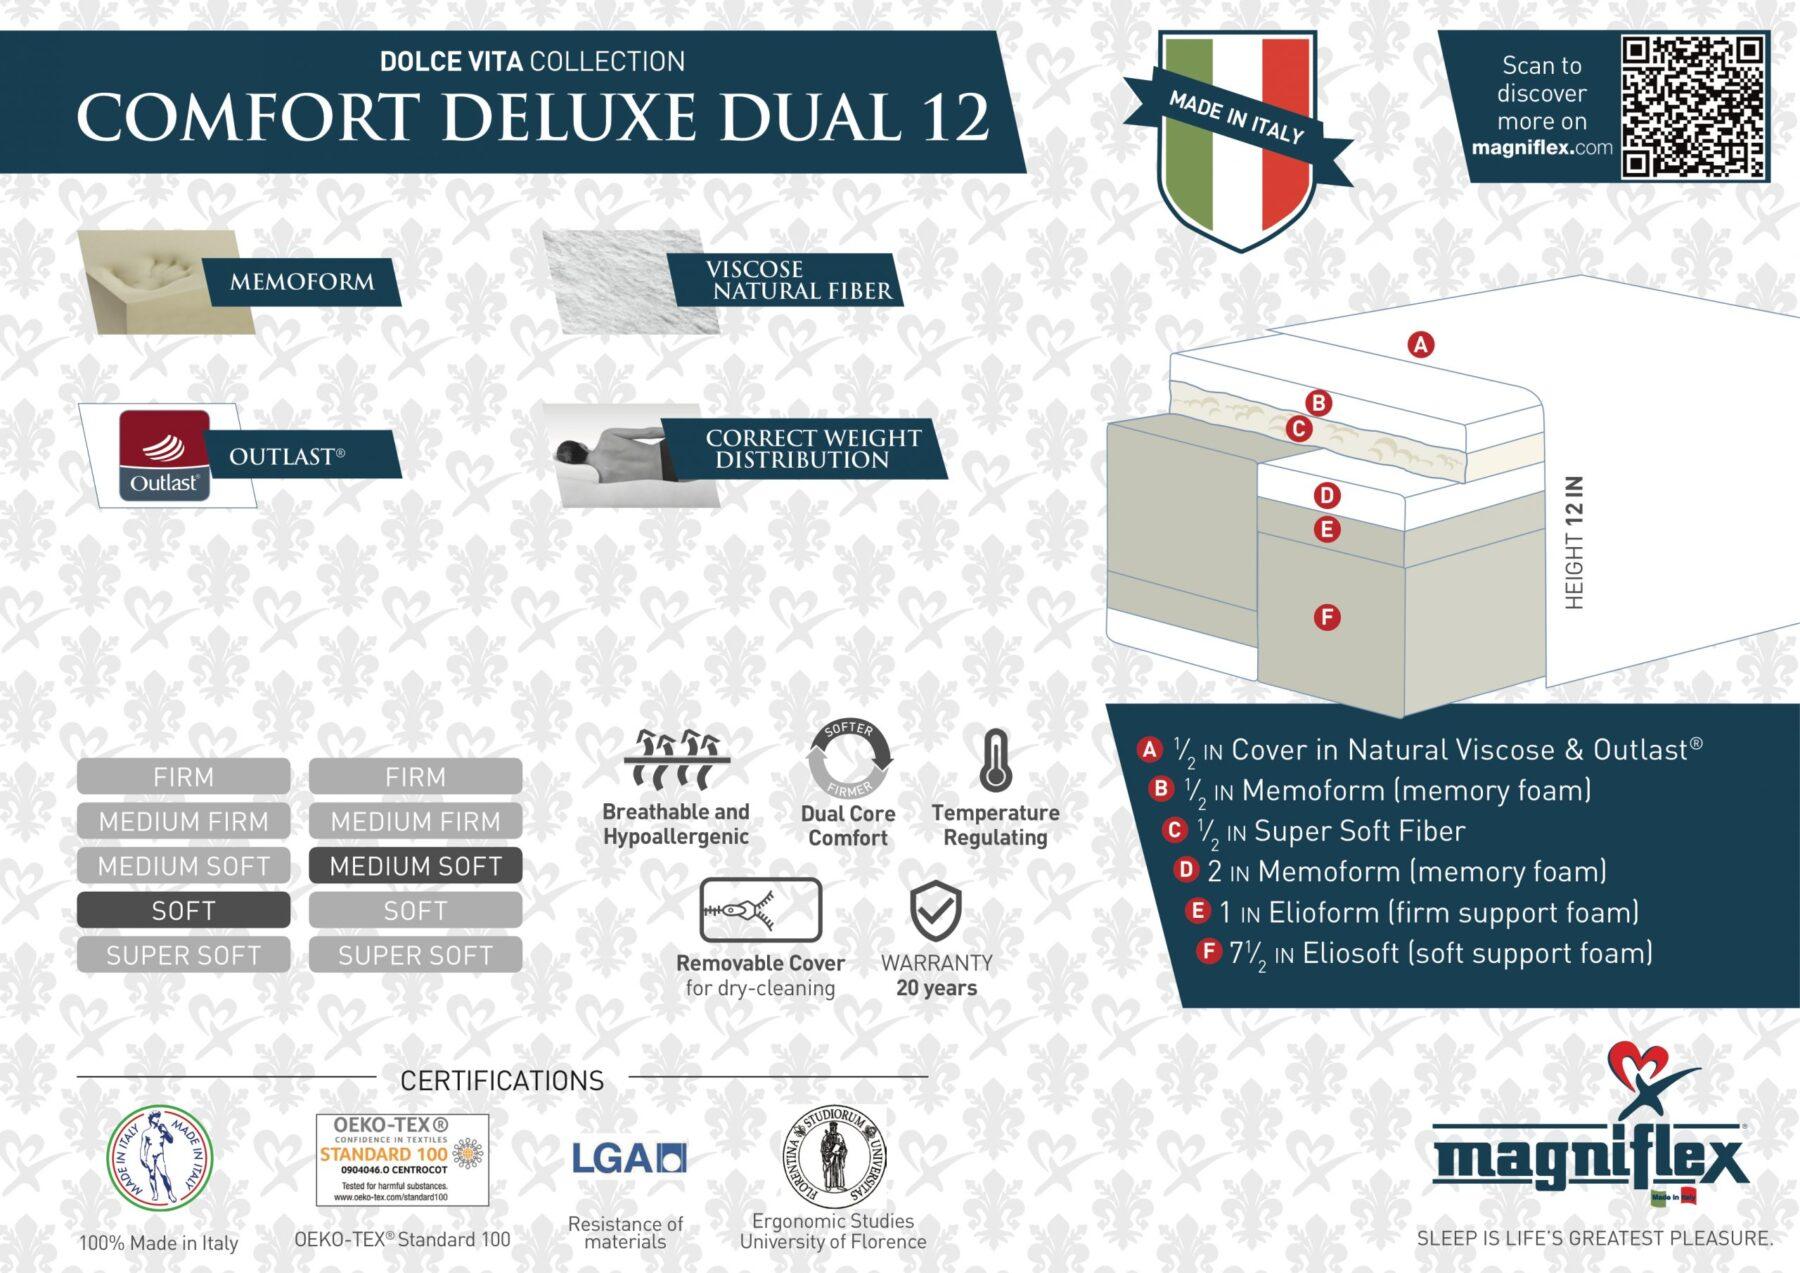 Comfort Deluxe Dual 12 Insert